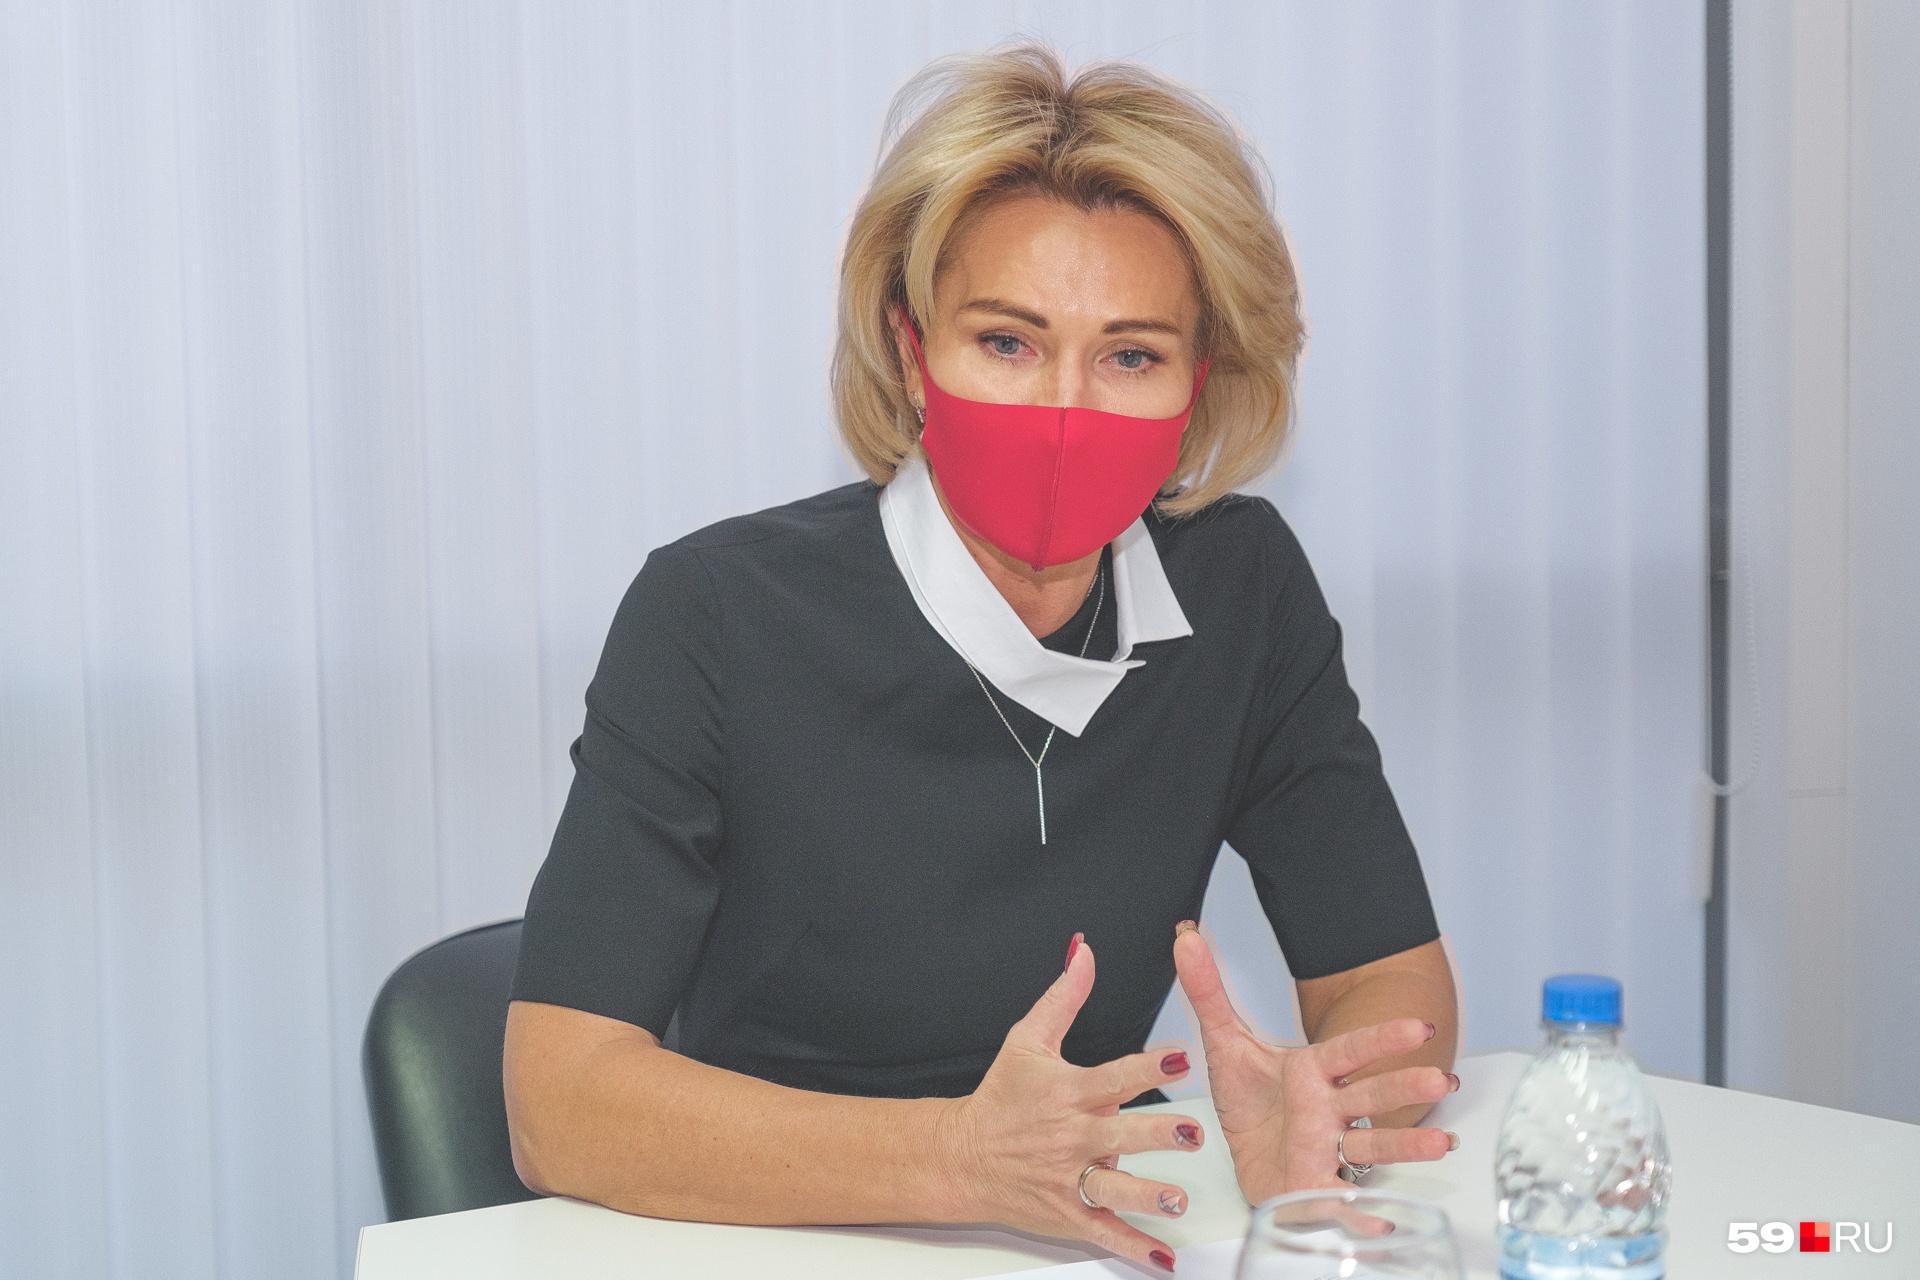 Депутат Законодательного собрания Пермского края Татьяна Шестакова